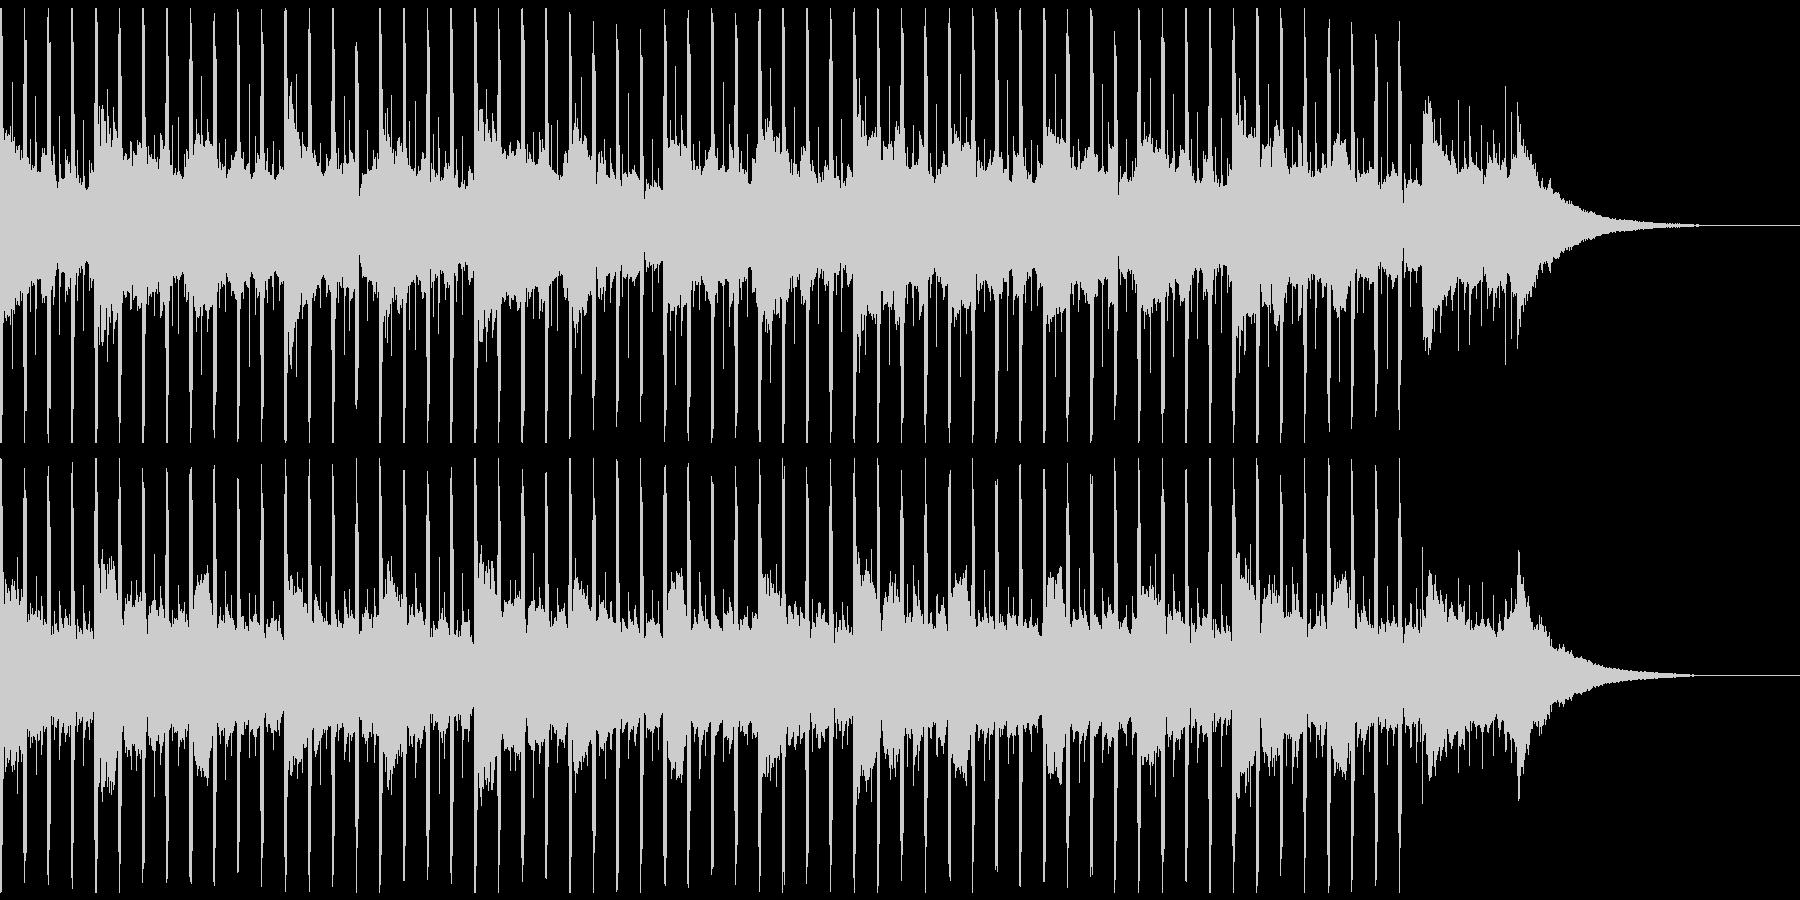 企業プレゼンテーション(38秒)の未再生の波形